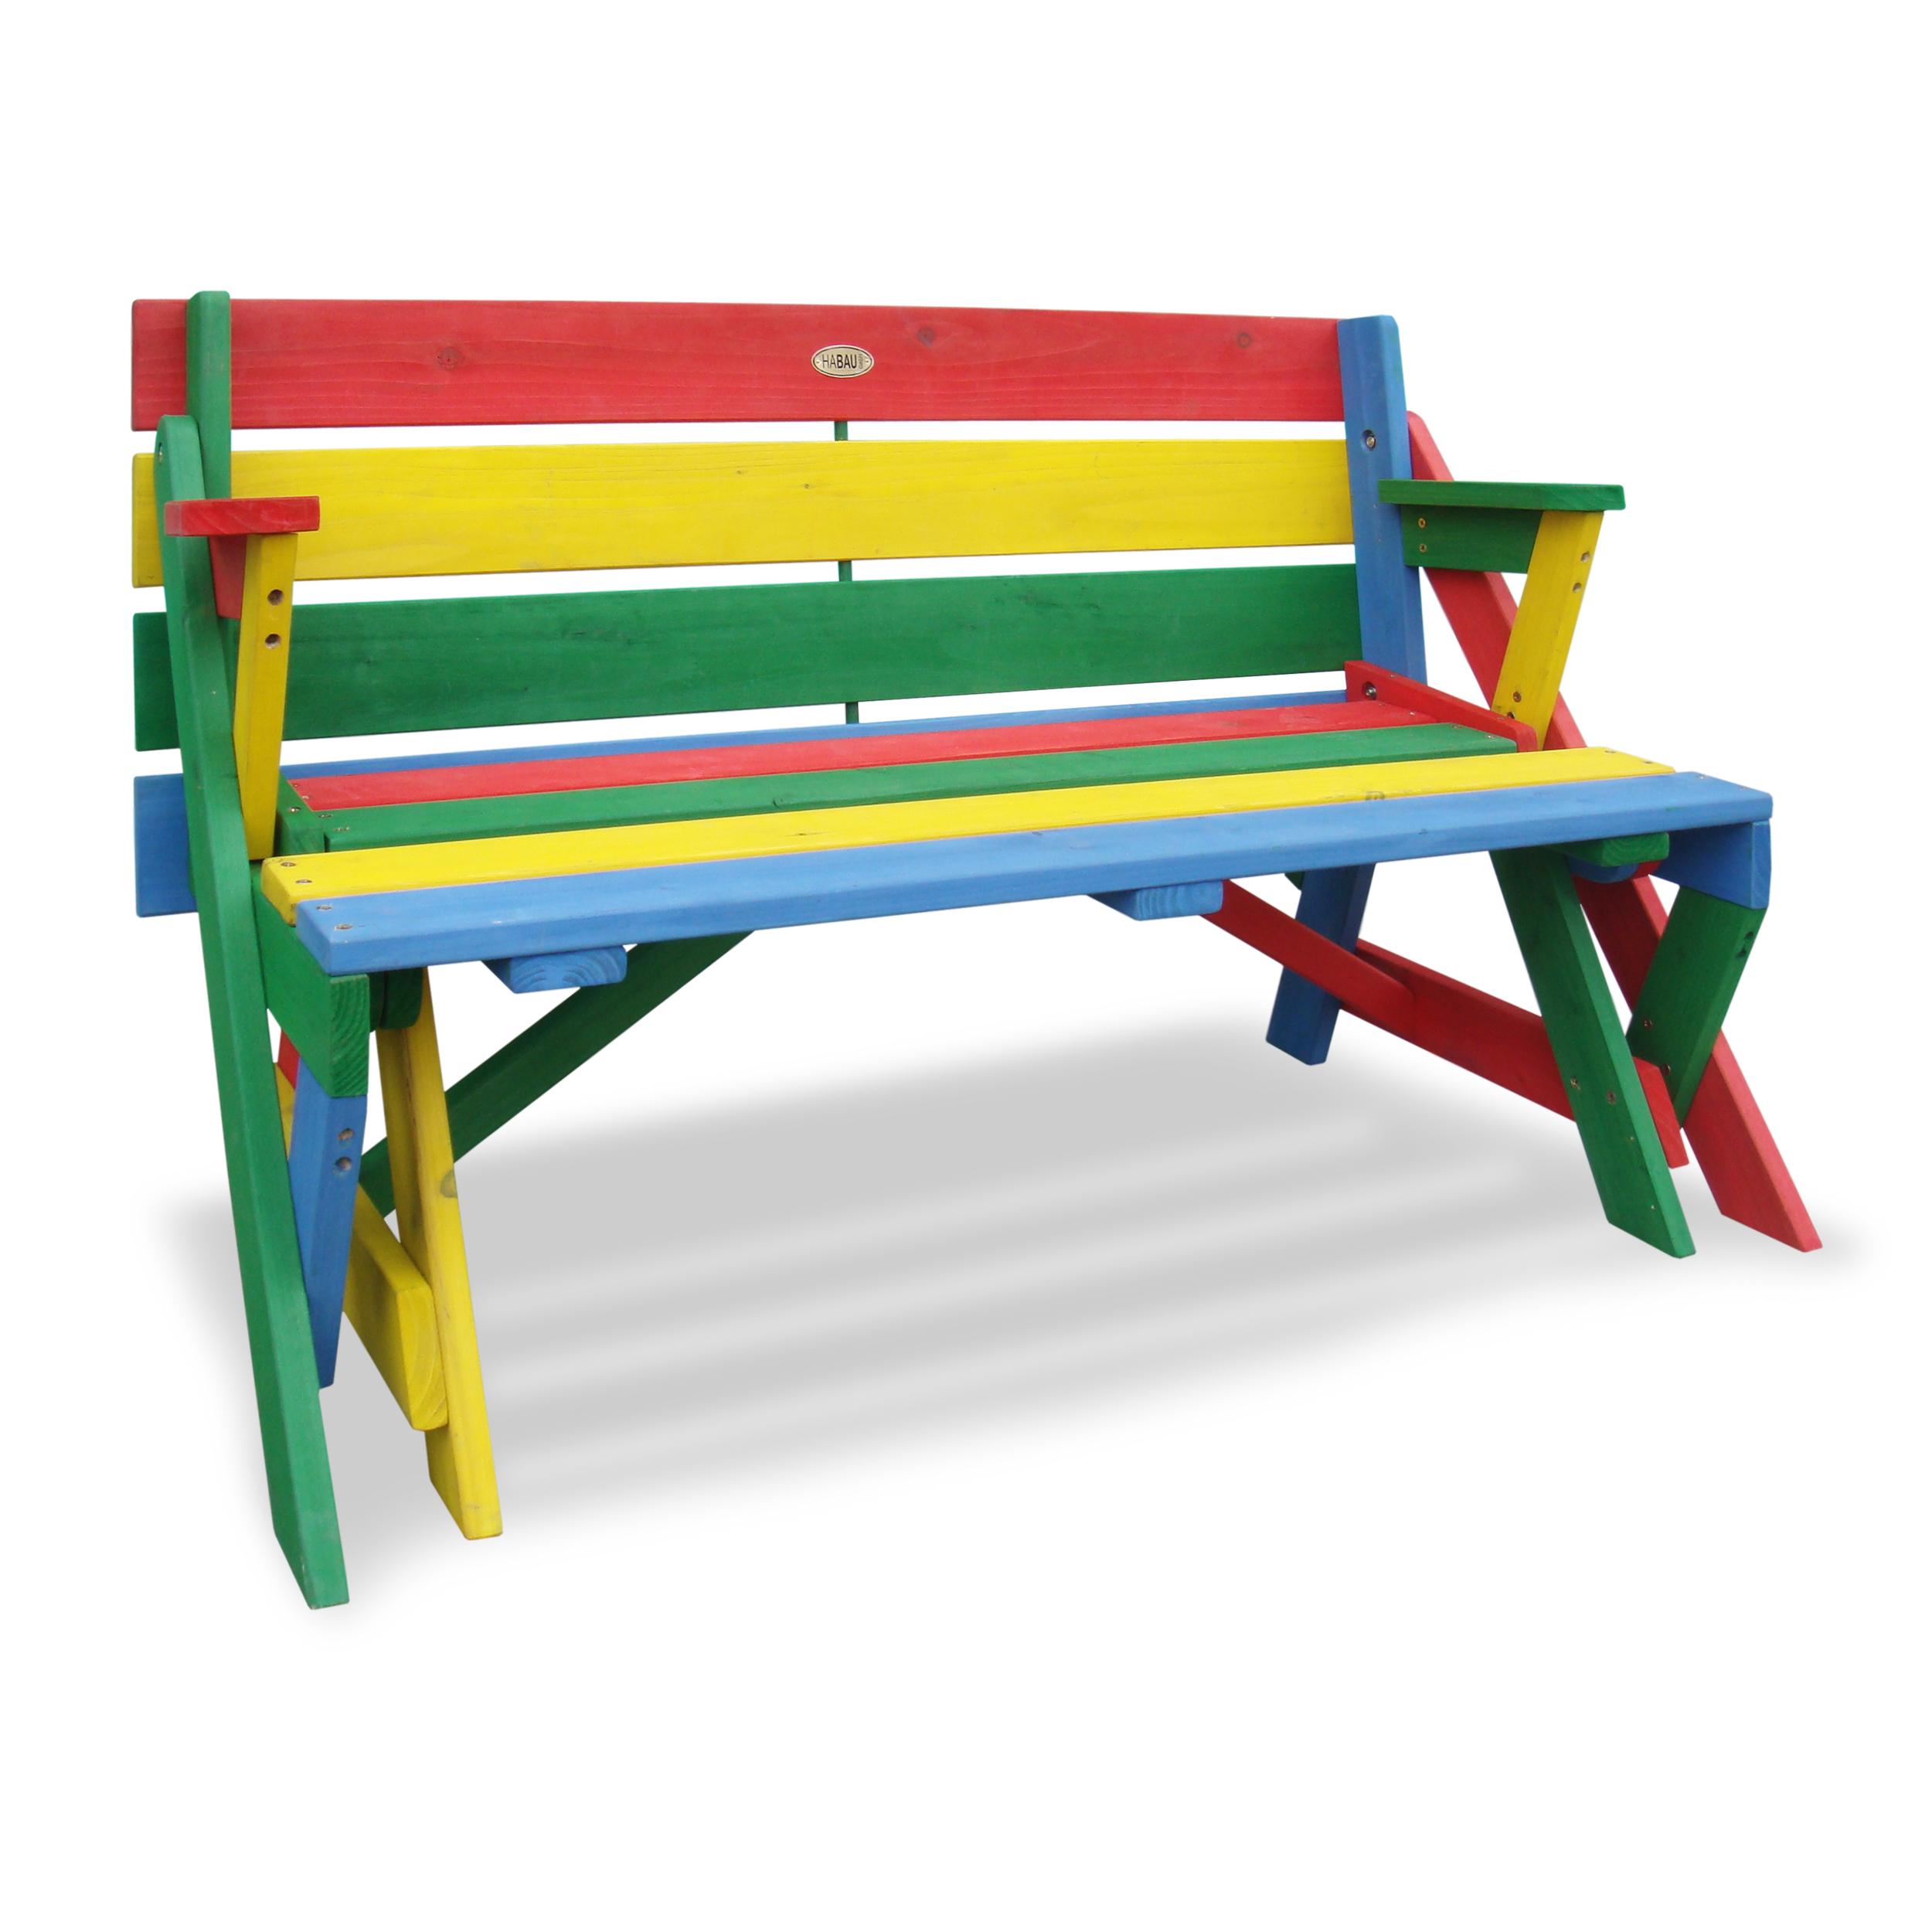 HABAU Kinderpicknickbank in rot, grün, gelb und blau, als Sitzbank